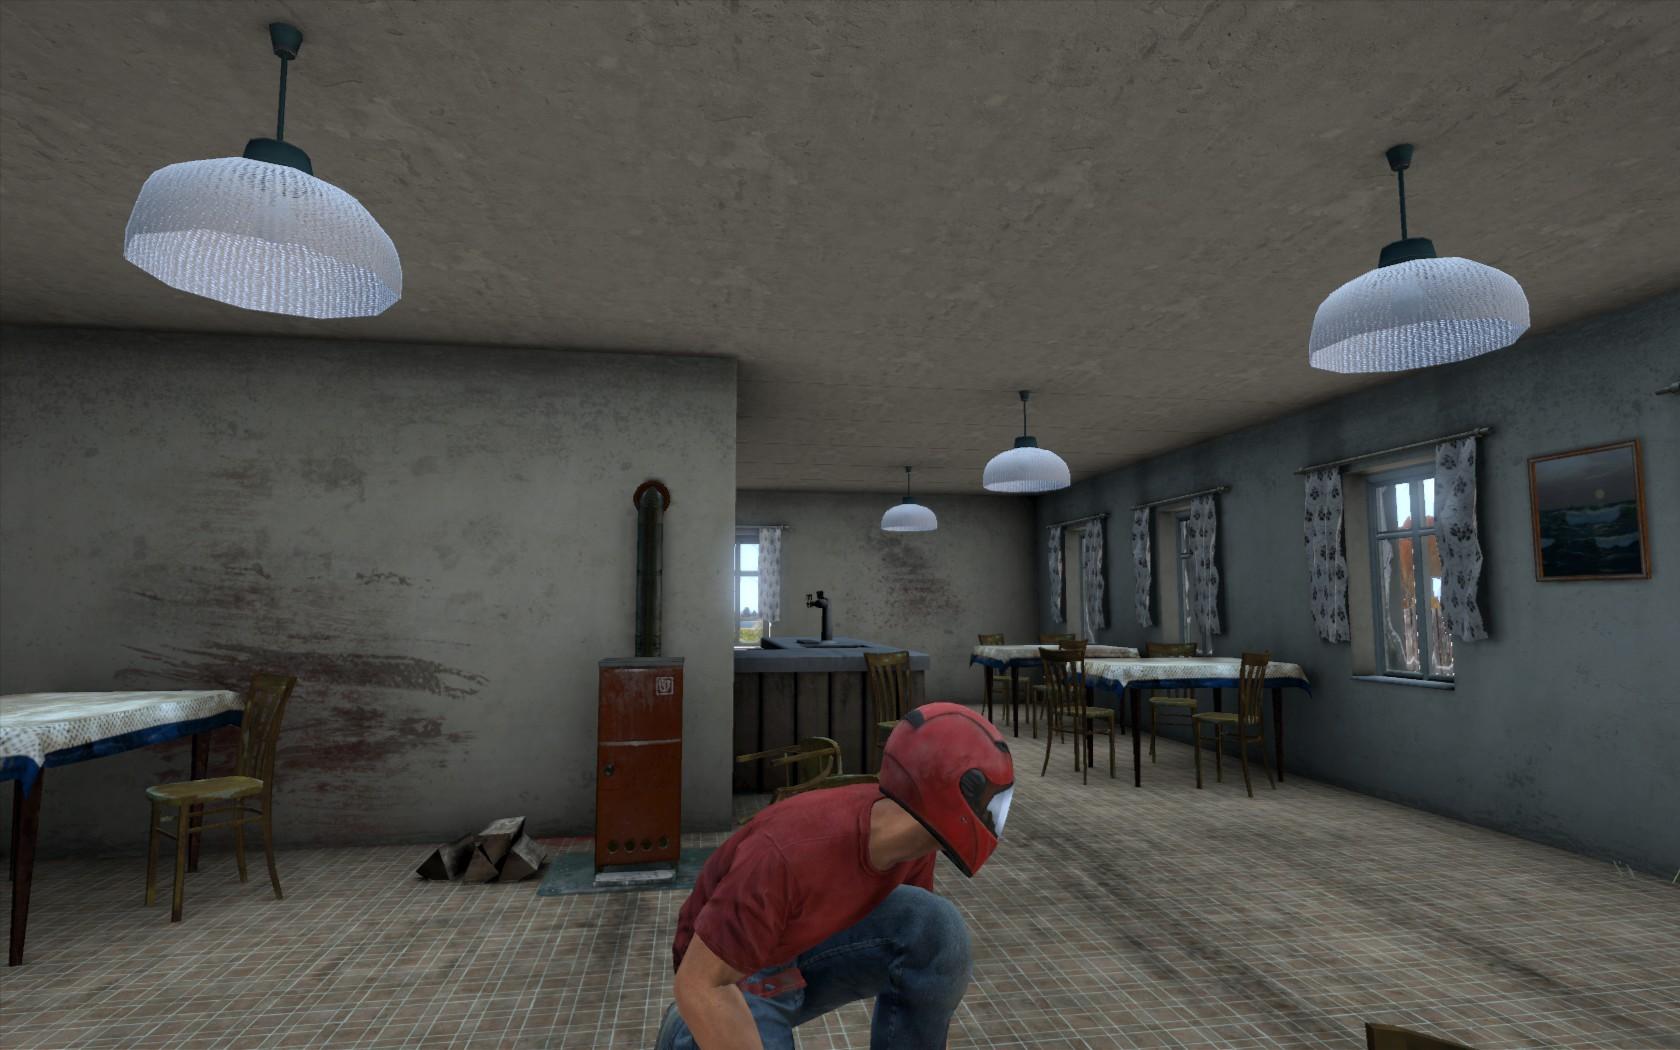 Screenshoty vytípáné z hraní DayZ 91106